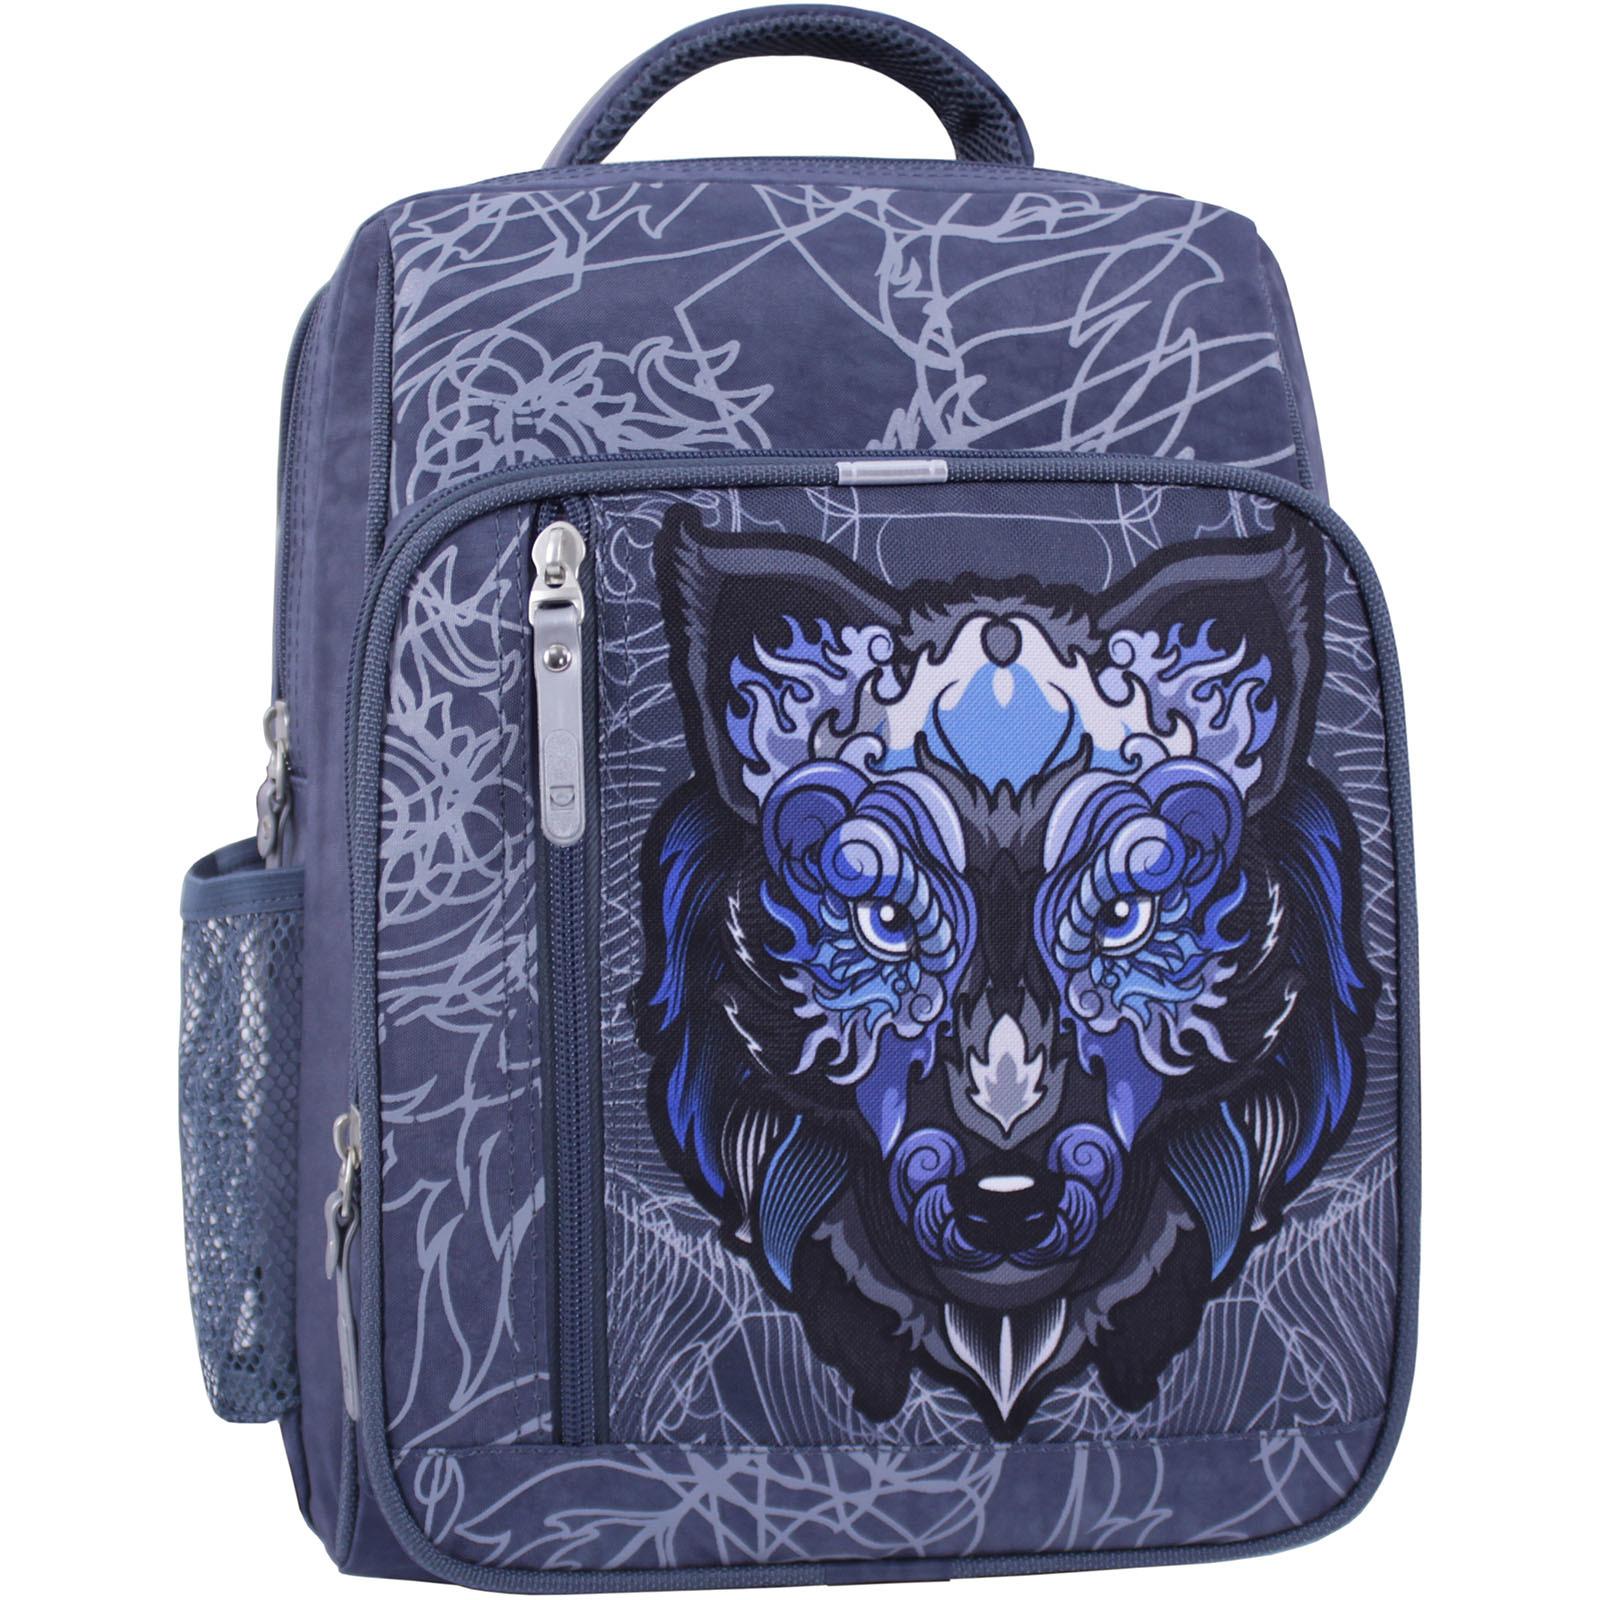 Рюкзак школьный Bagland Школьник 8 л. 321 серый 506 (0012870) фото 1